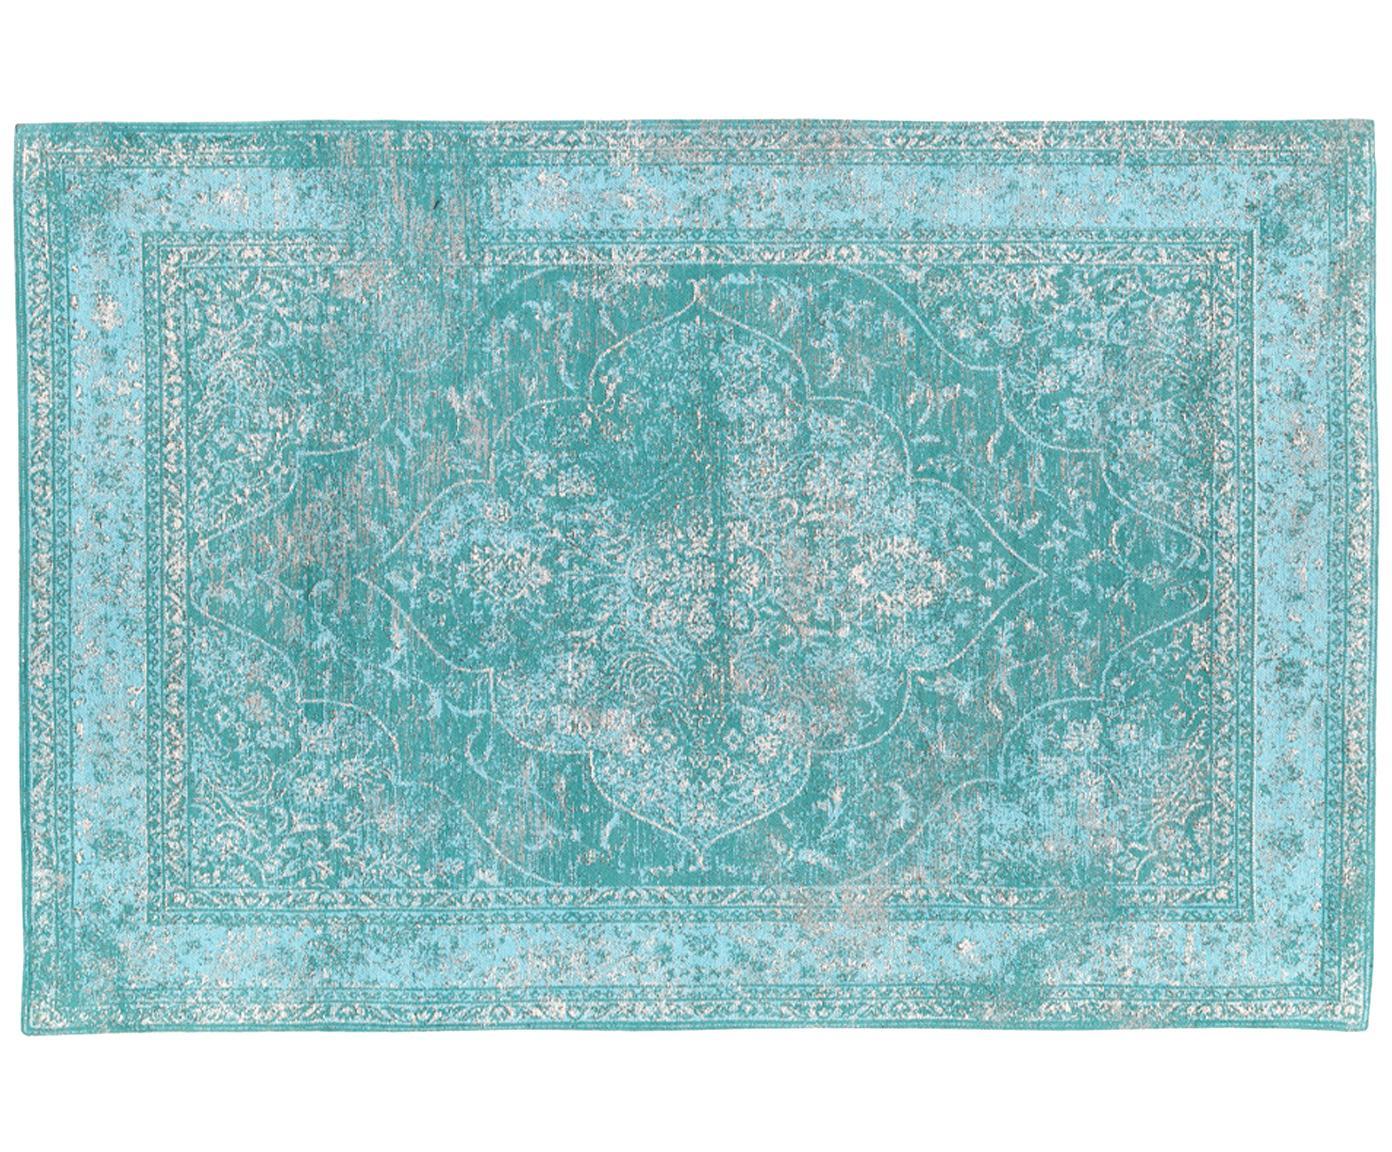 Vintage Chenilleteppich Palermo in Türkis, Flor: 95% Baumwolle, 5% Polyest, Türkis, Hellblau, Creme, B 120 x L 180 cm (Grösse S)